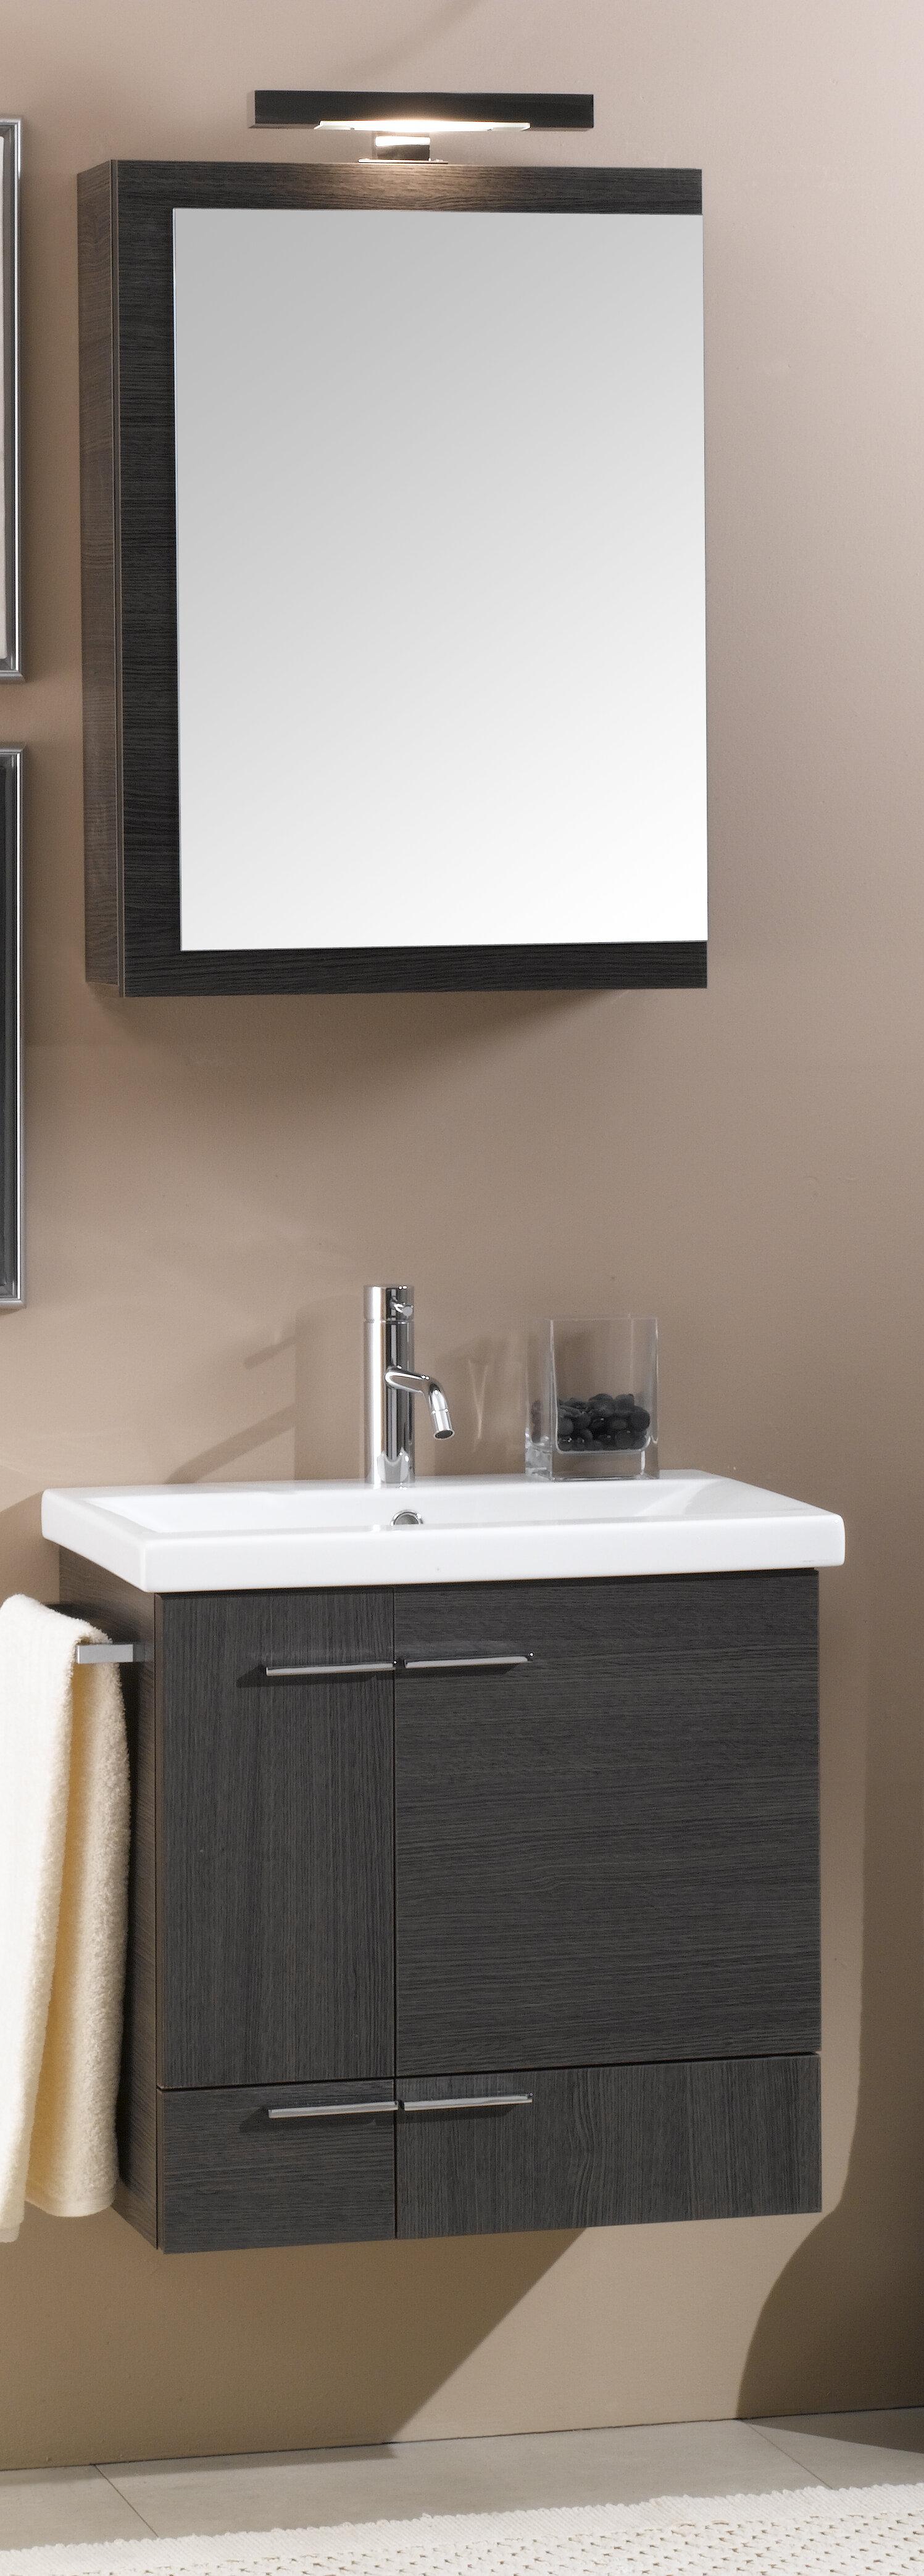 easy wall hung bathroom vanities cabinets. Iotti by Nameeks Simple 23  Single Wall Mounted Bathroom Vanity Set with Mirror Reviews Wayfair